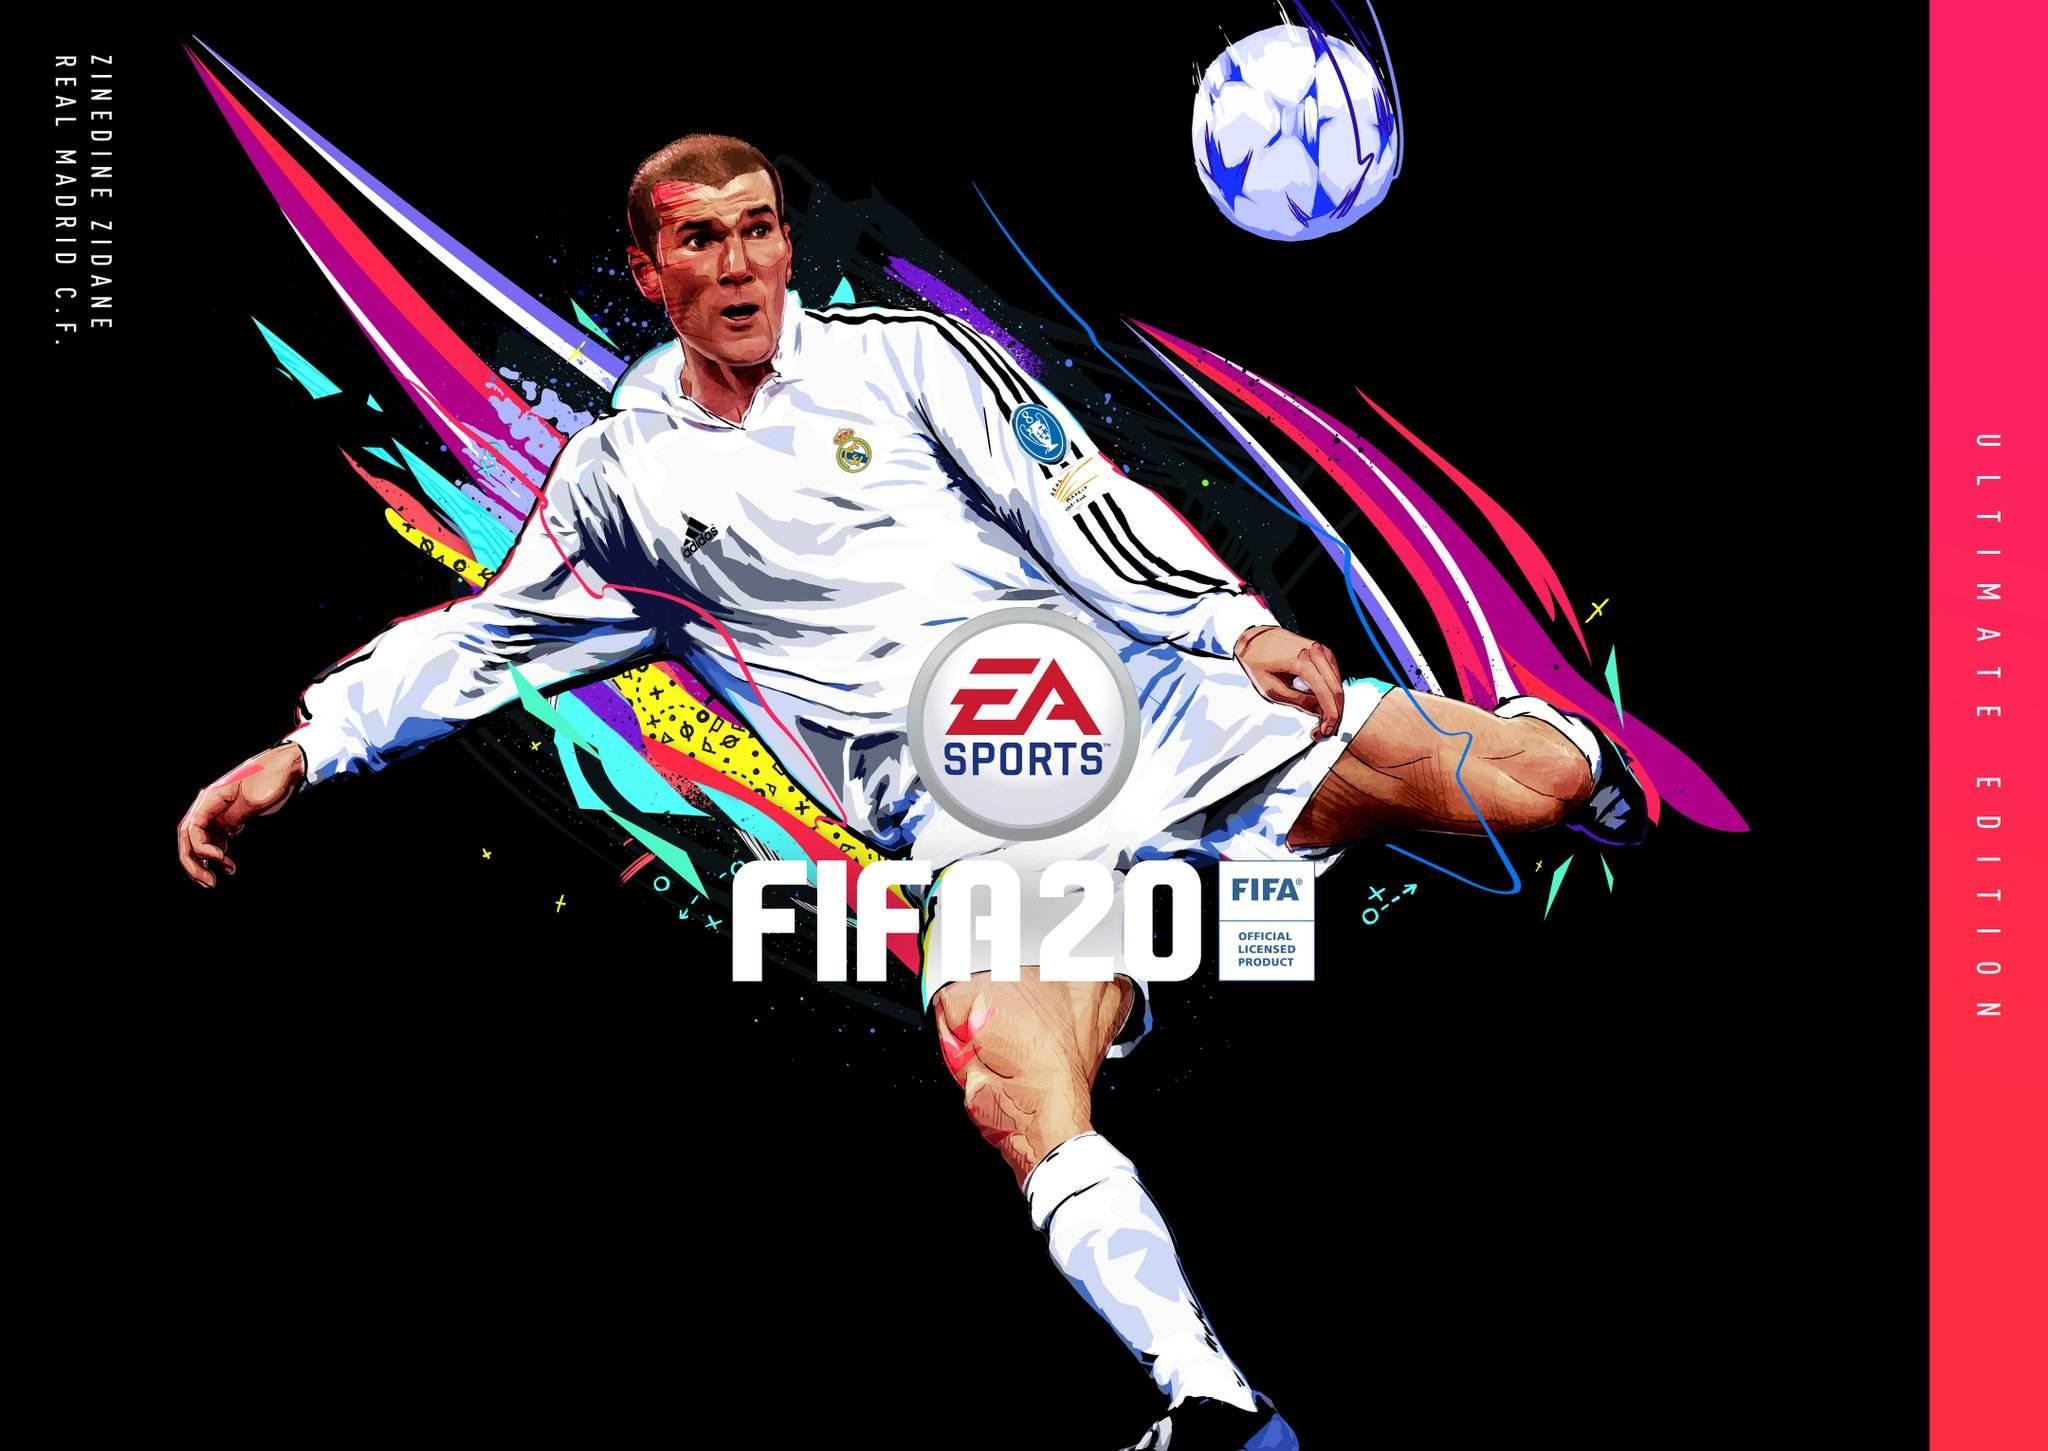 英国游戏周销量:共售130万份,《FIFA 20》登顶黑五促销周